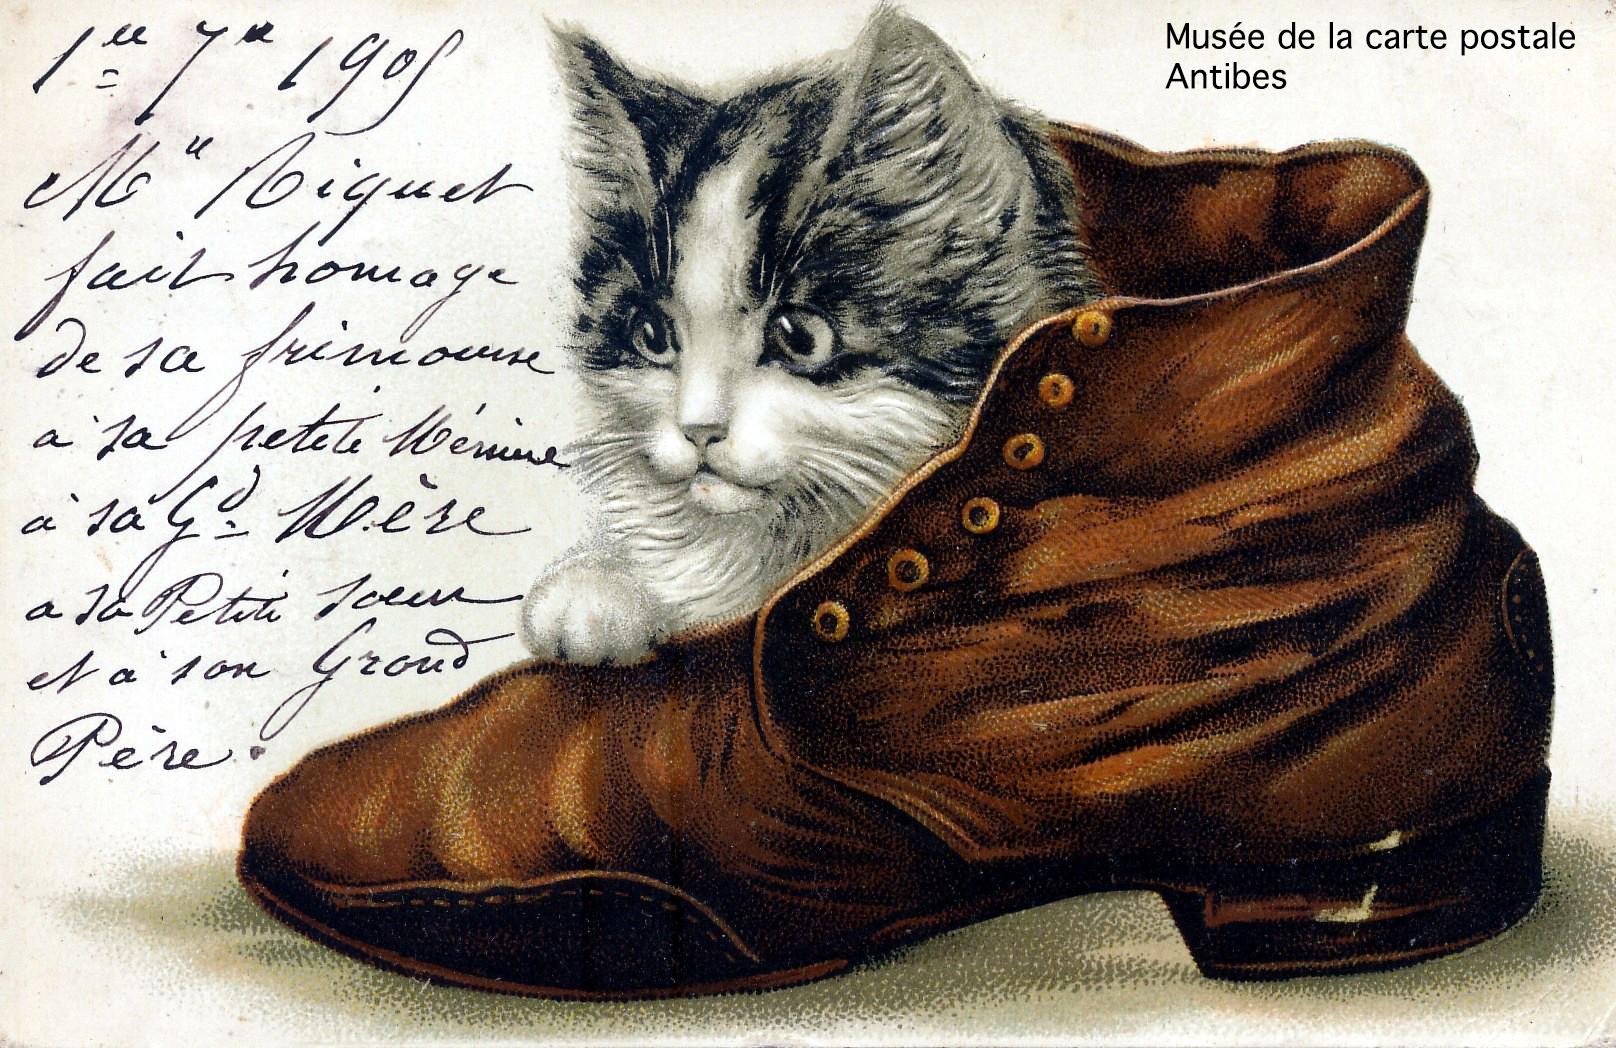 Carte postale ancienne, illustration d'un chaton dans une chaussure, issue de l'exposition temporaire du musée de la carte postale sur le thème de la chaussure.